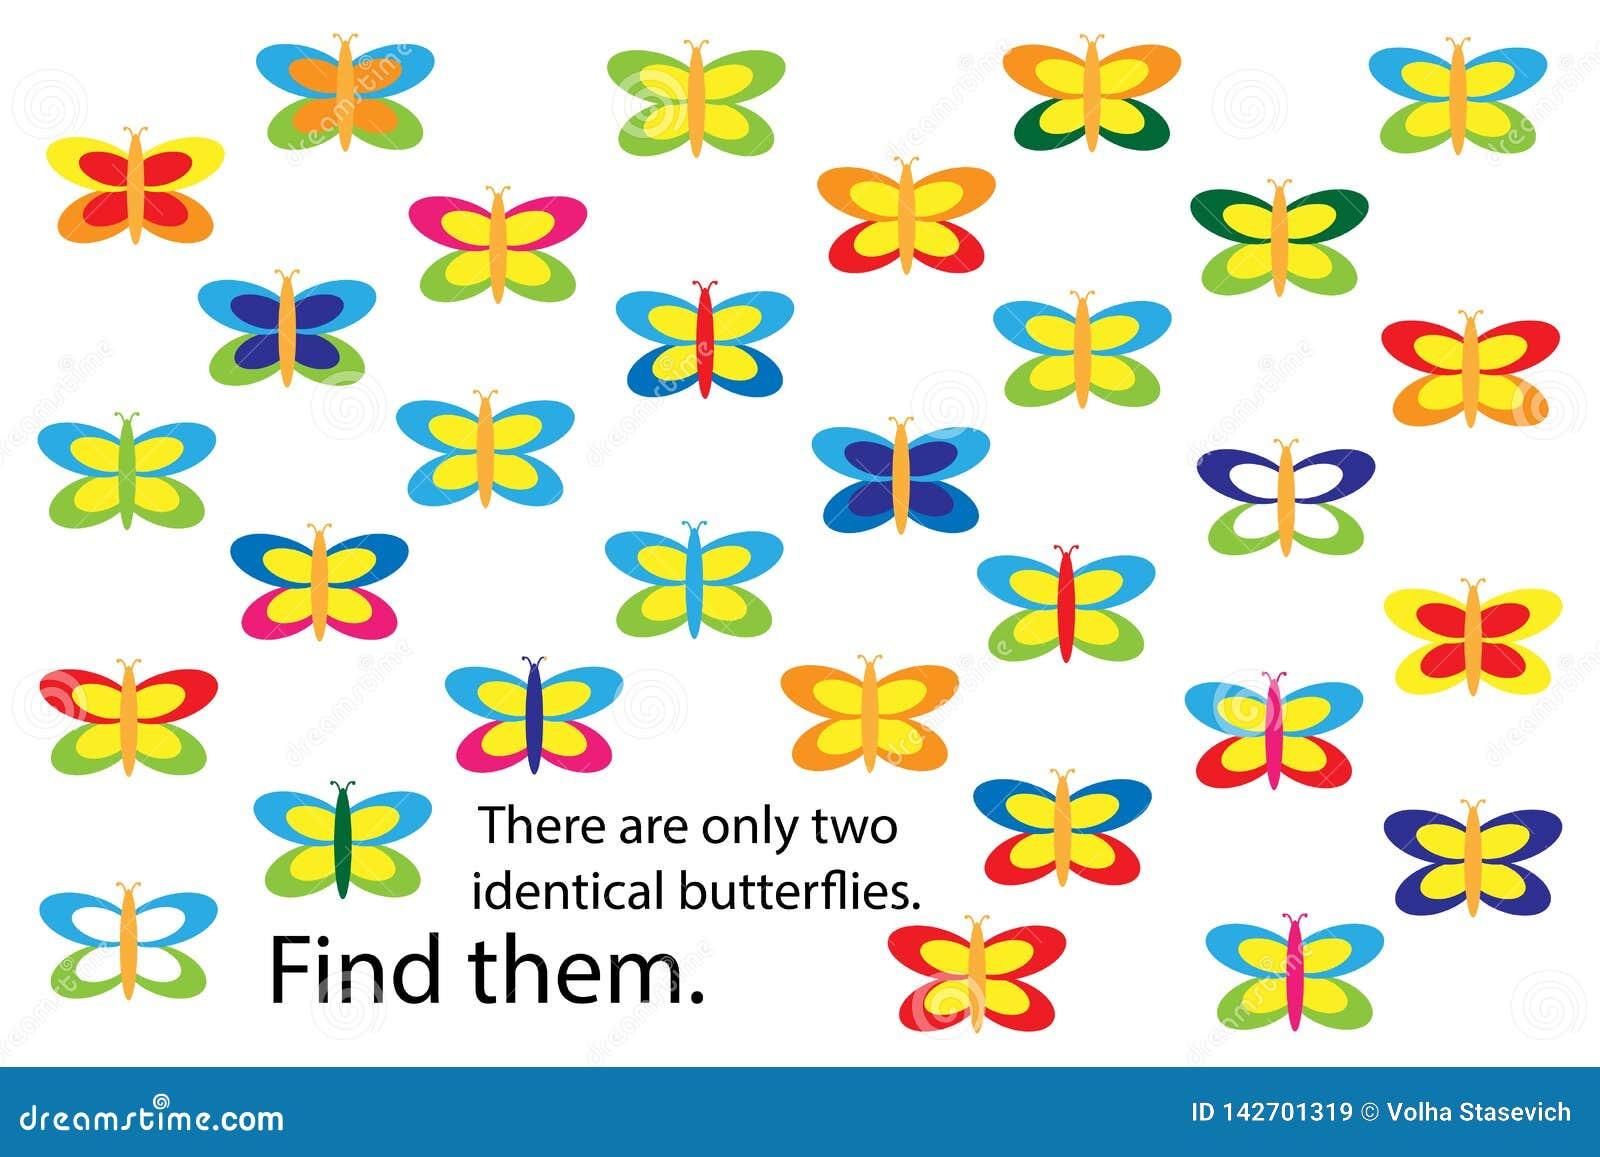 Βρείτε δύο ίδιες πεταλούδες, παιχνίδι γρίφων εκπαίδευσης διασκέδασης άνοιξη για τα παιδιά, προσχολική δραστηριότητα φύλλων εργασί